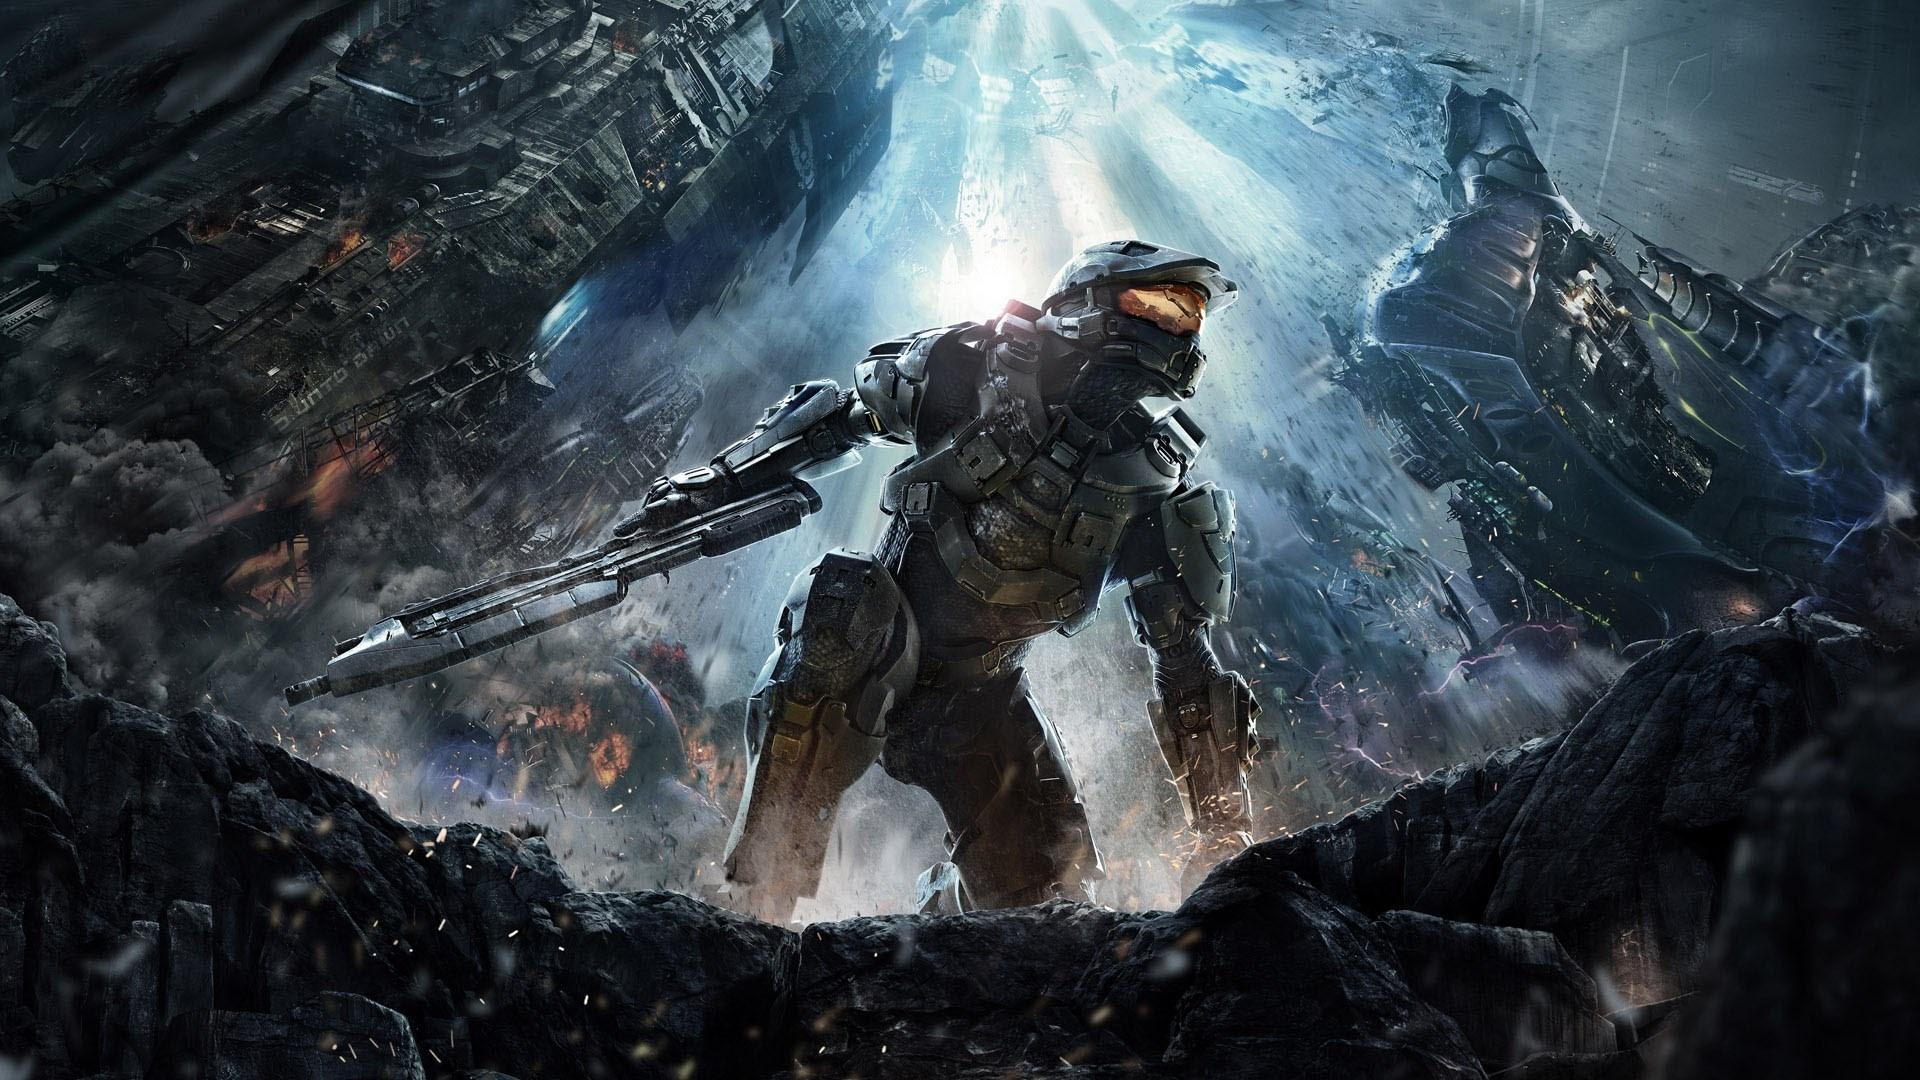 Новую AAA-студию Tencent в Северной Америке возглавит руководитель по дизайну Halo4